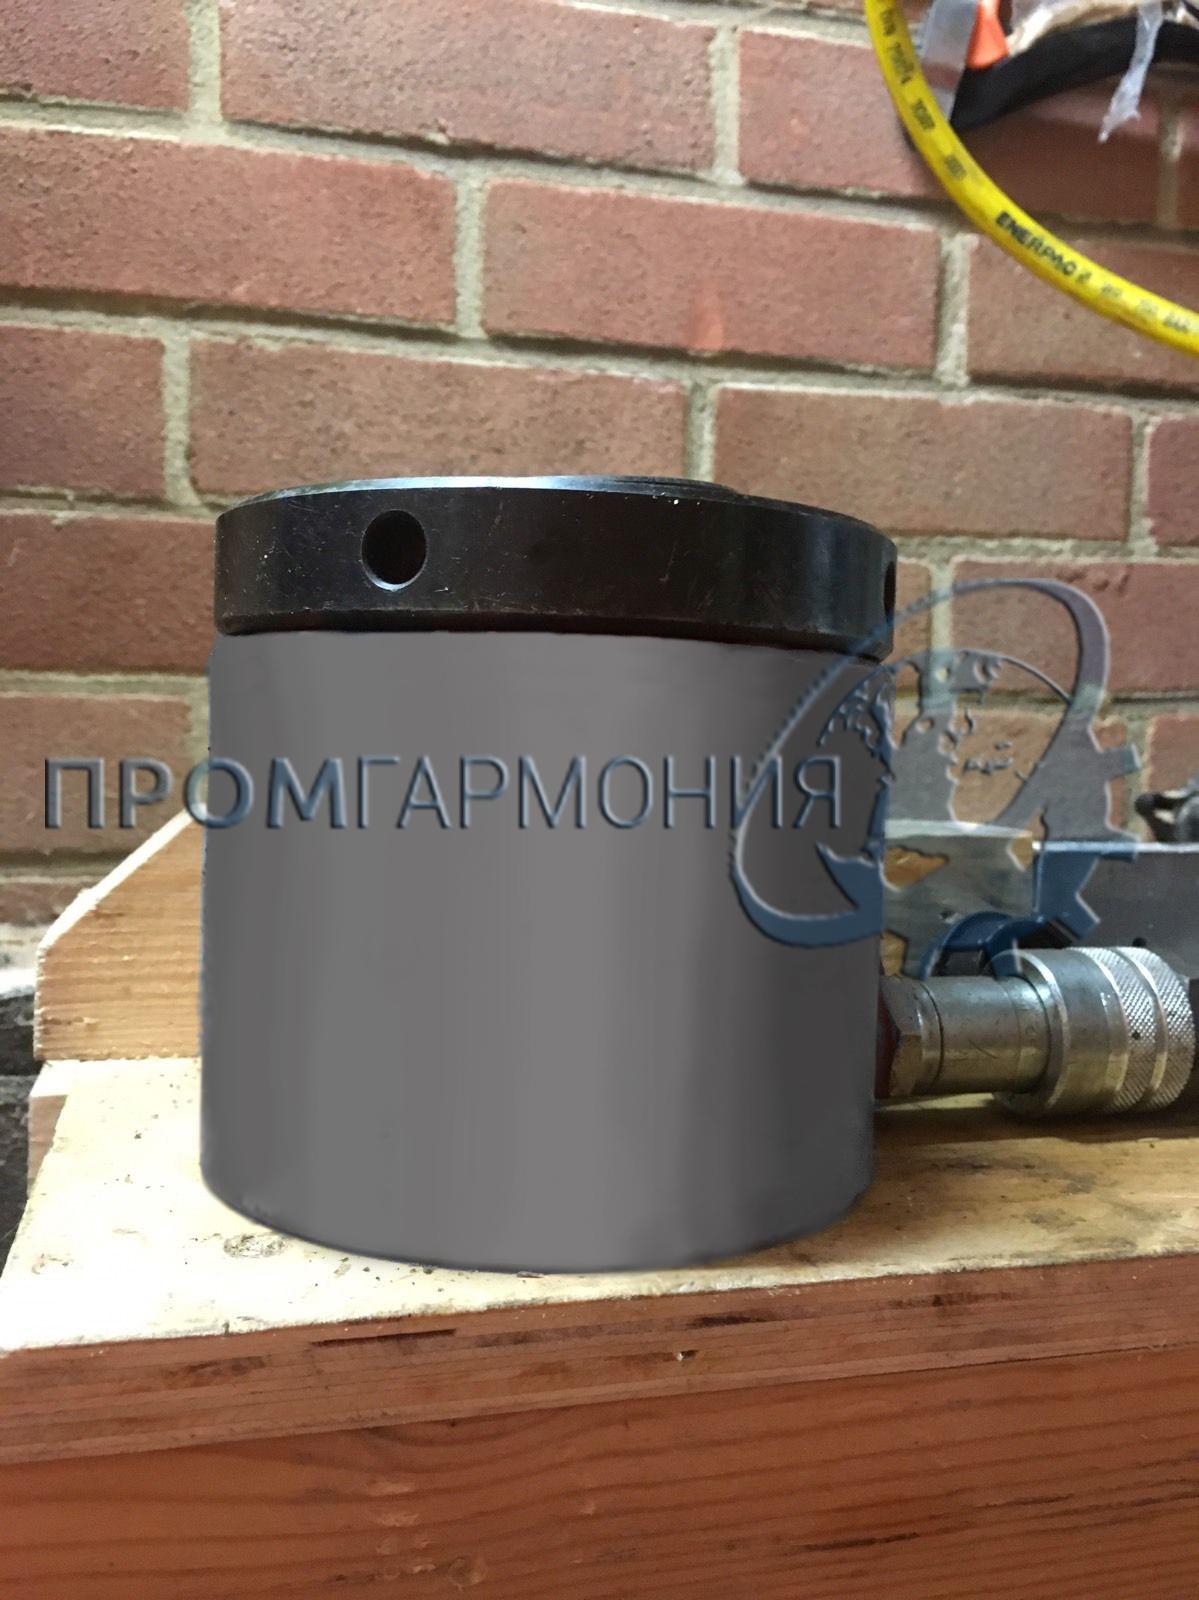 №17695 Продам гидравлический домкрат с фиксирующей гайкой грузоподъёмностью от 10 тонн